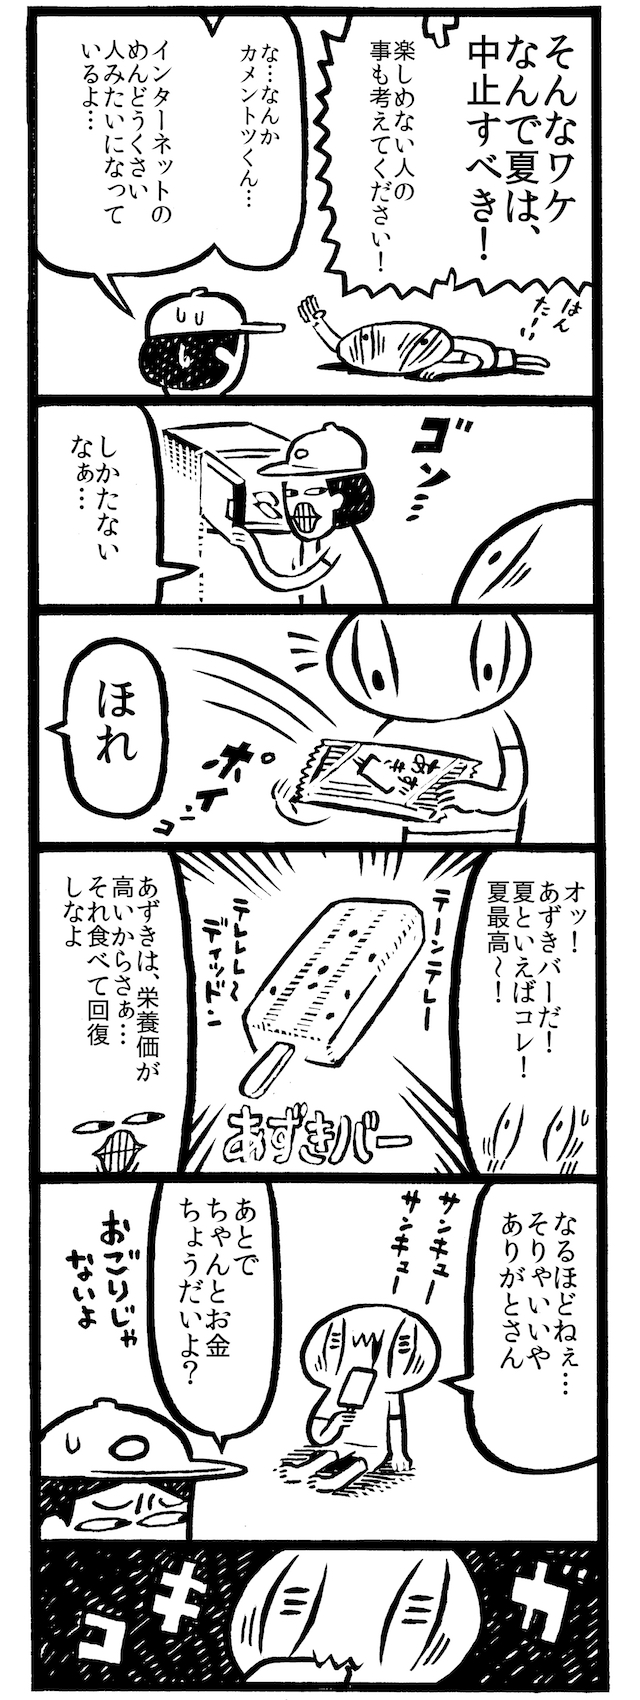 f:id:kakijiro:20160909112924j:plain